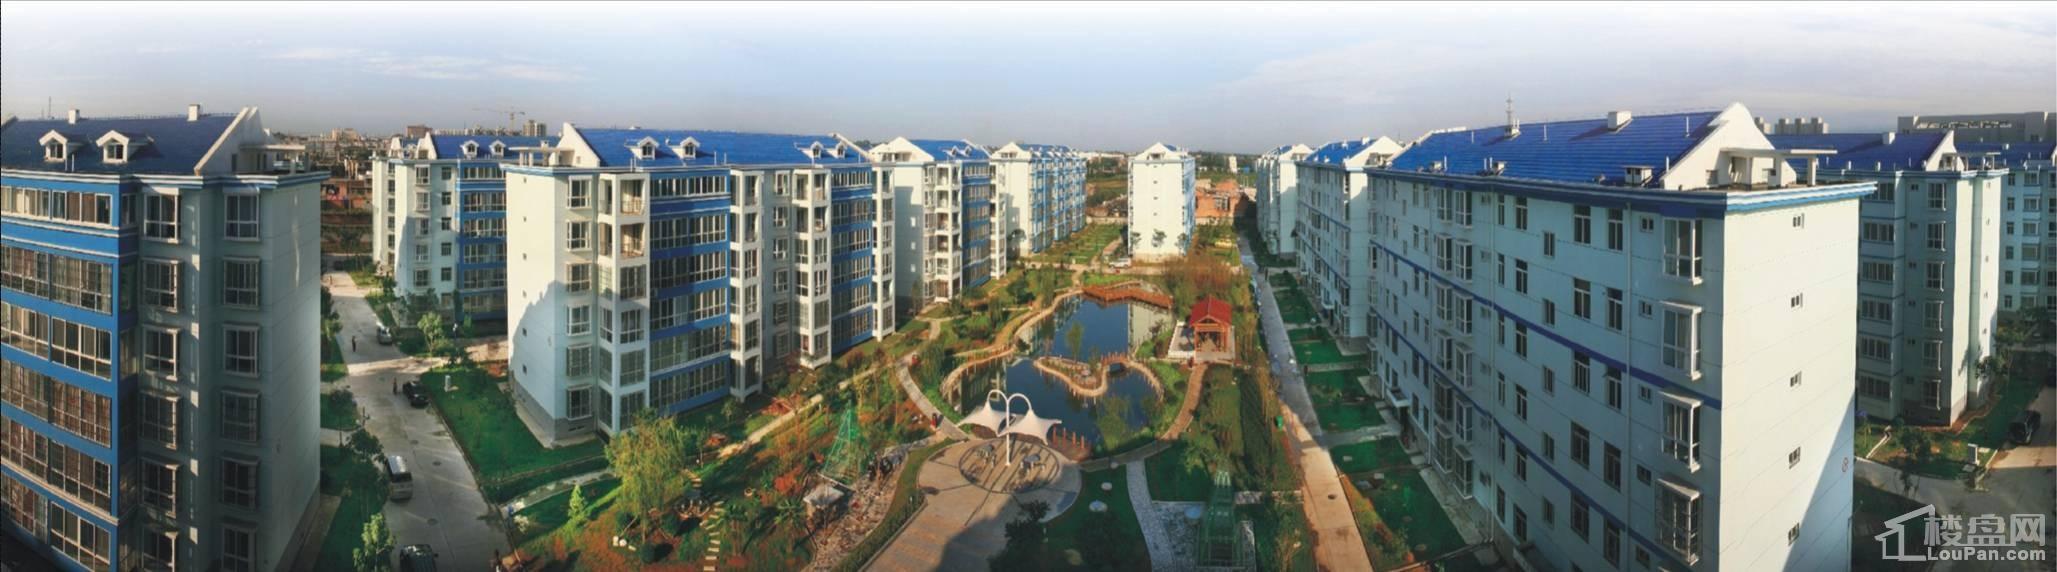 杨凌化建家园高层实景图